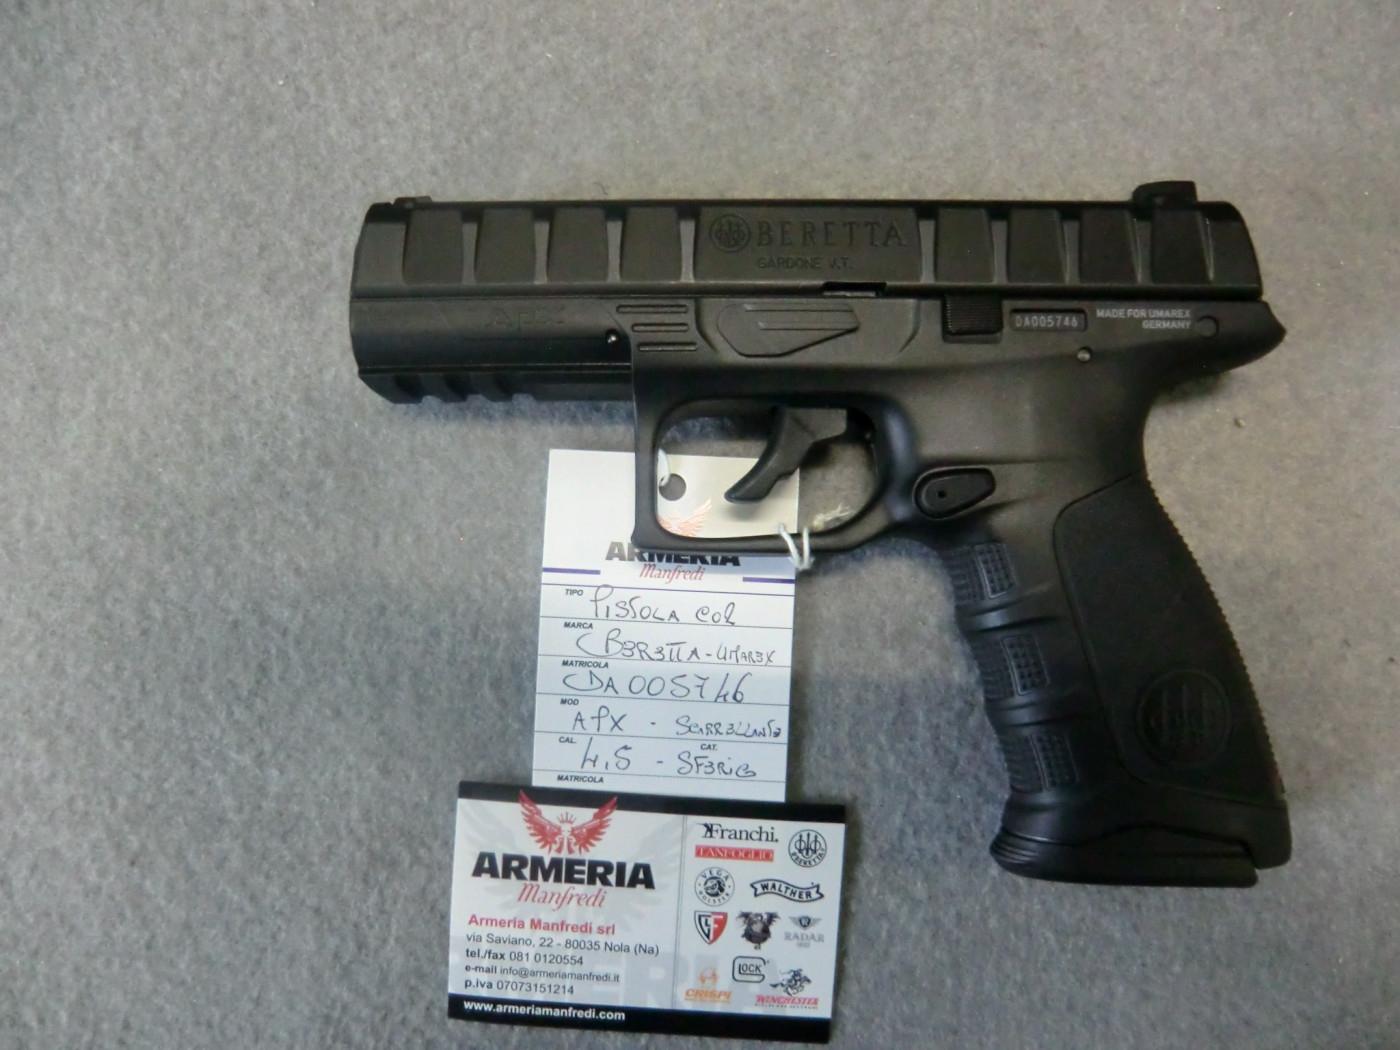 Beretta-umarex modello Apx calibro 4.5 scarrellante